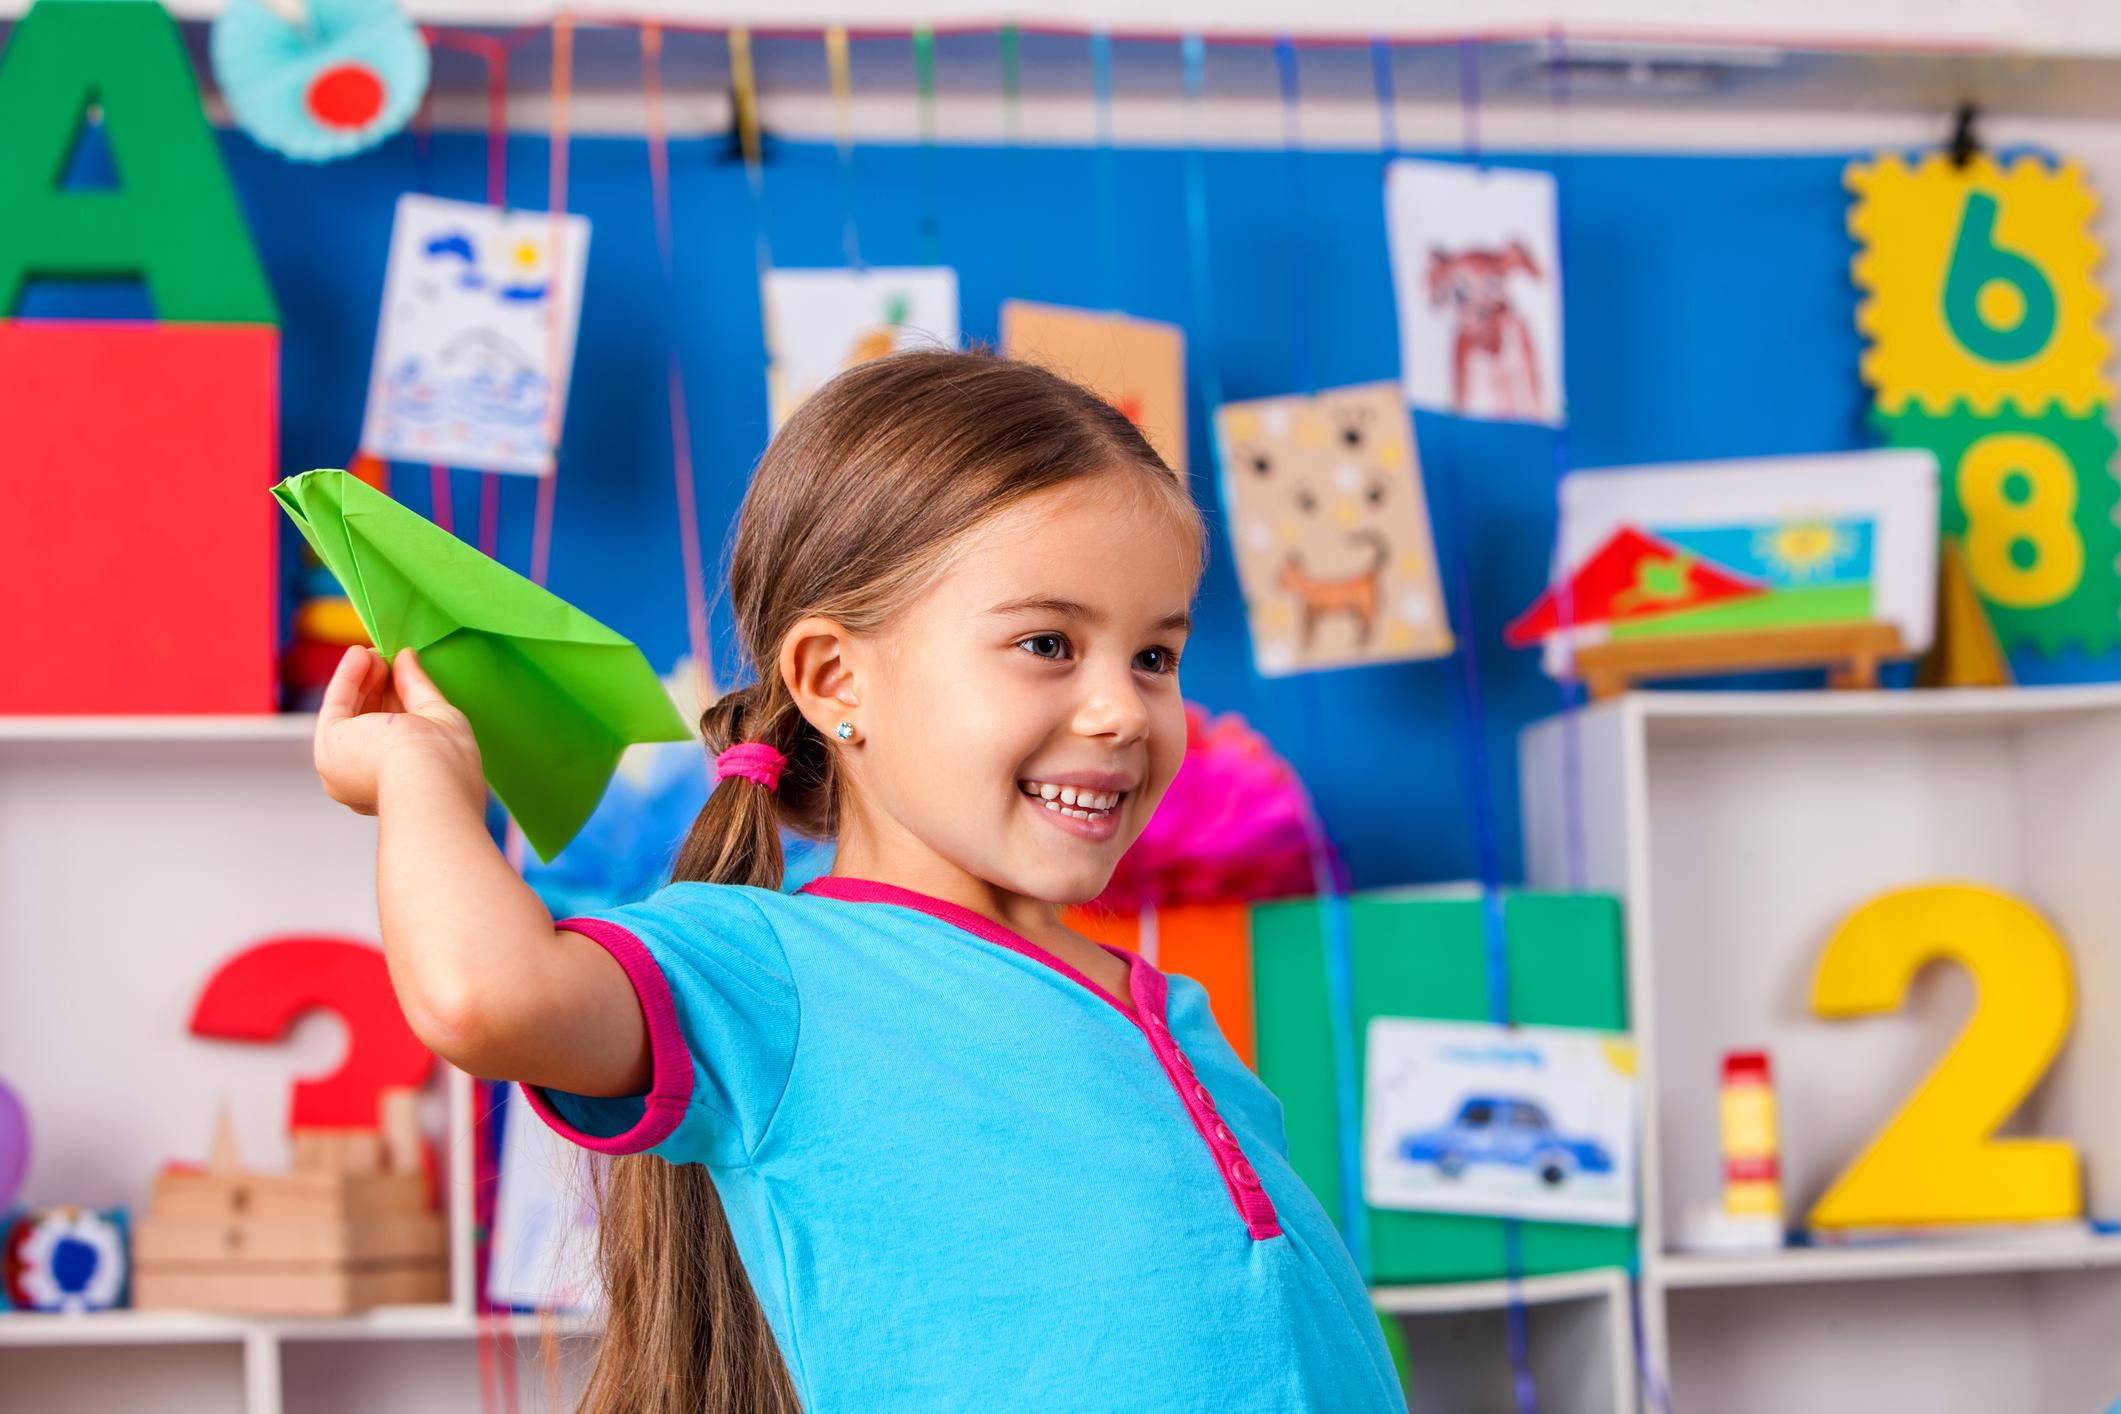 """Anstand: Kindern beibringen, """"das Richtige zu tun, auch wenn niemand zuschaut"""""""